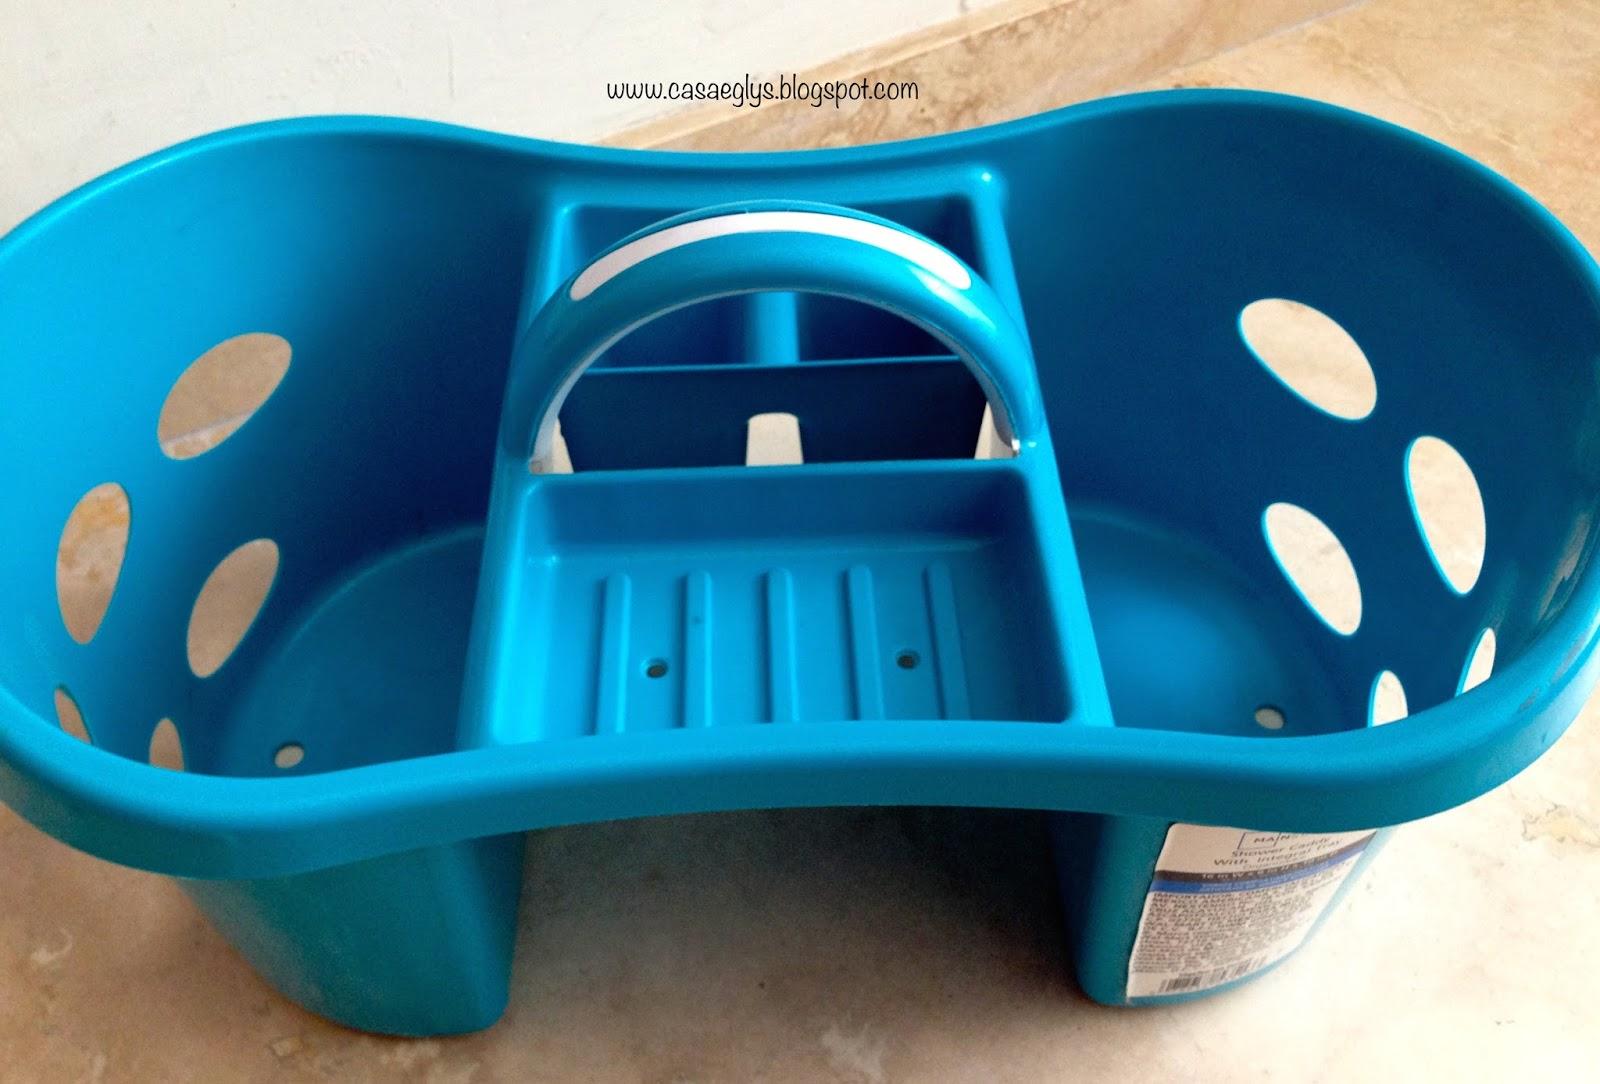 Organizador De Baño Diy:Organizador de baño Latas de reciclaje Suplementos escolares: